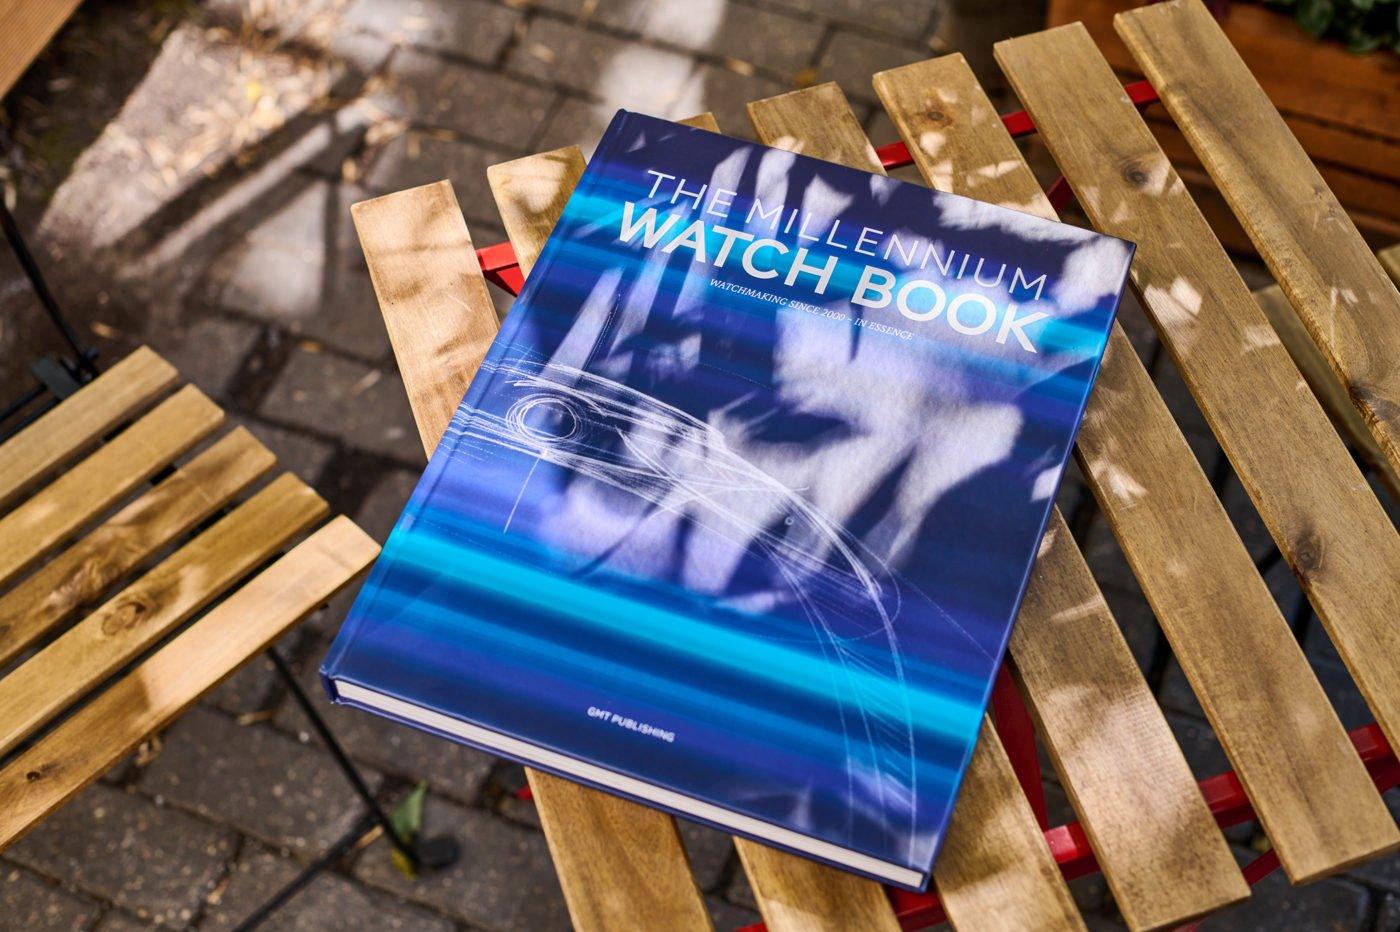 """Biblioteka """"The Millennium Watch Book"""""""